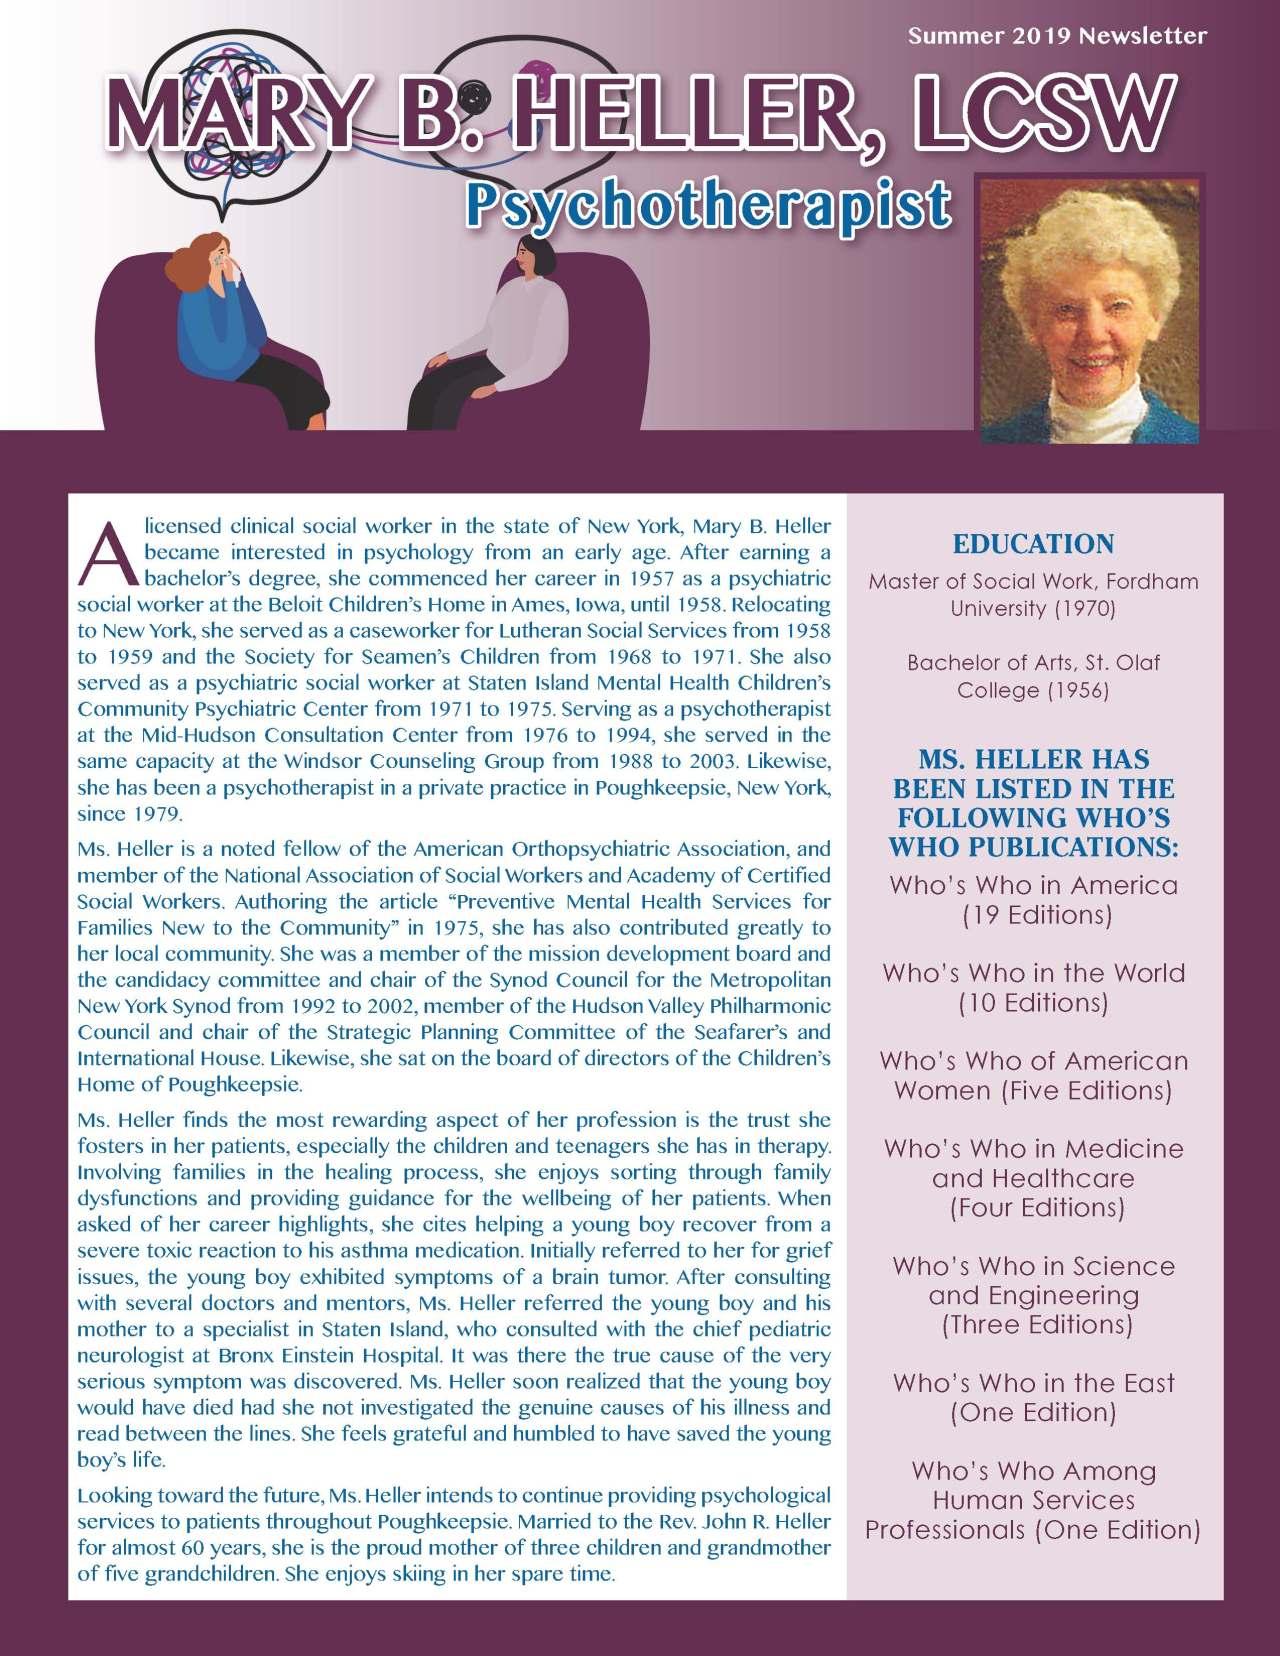 Heller, Mary 2188974_19717602 Newsletter REVISED.jpg